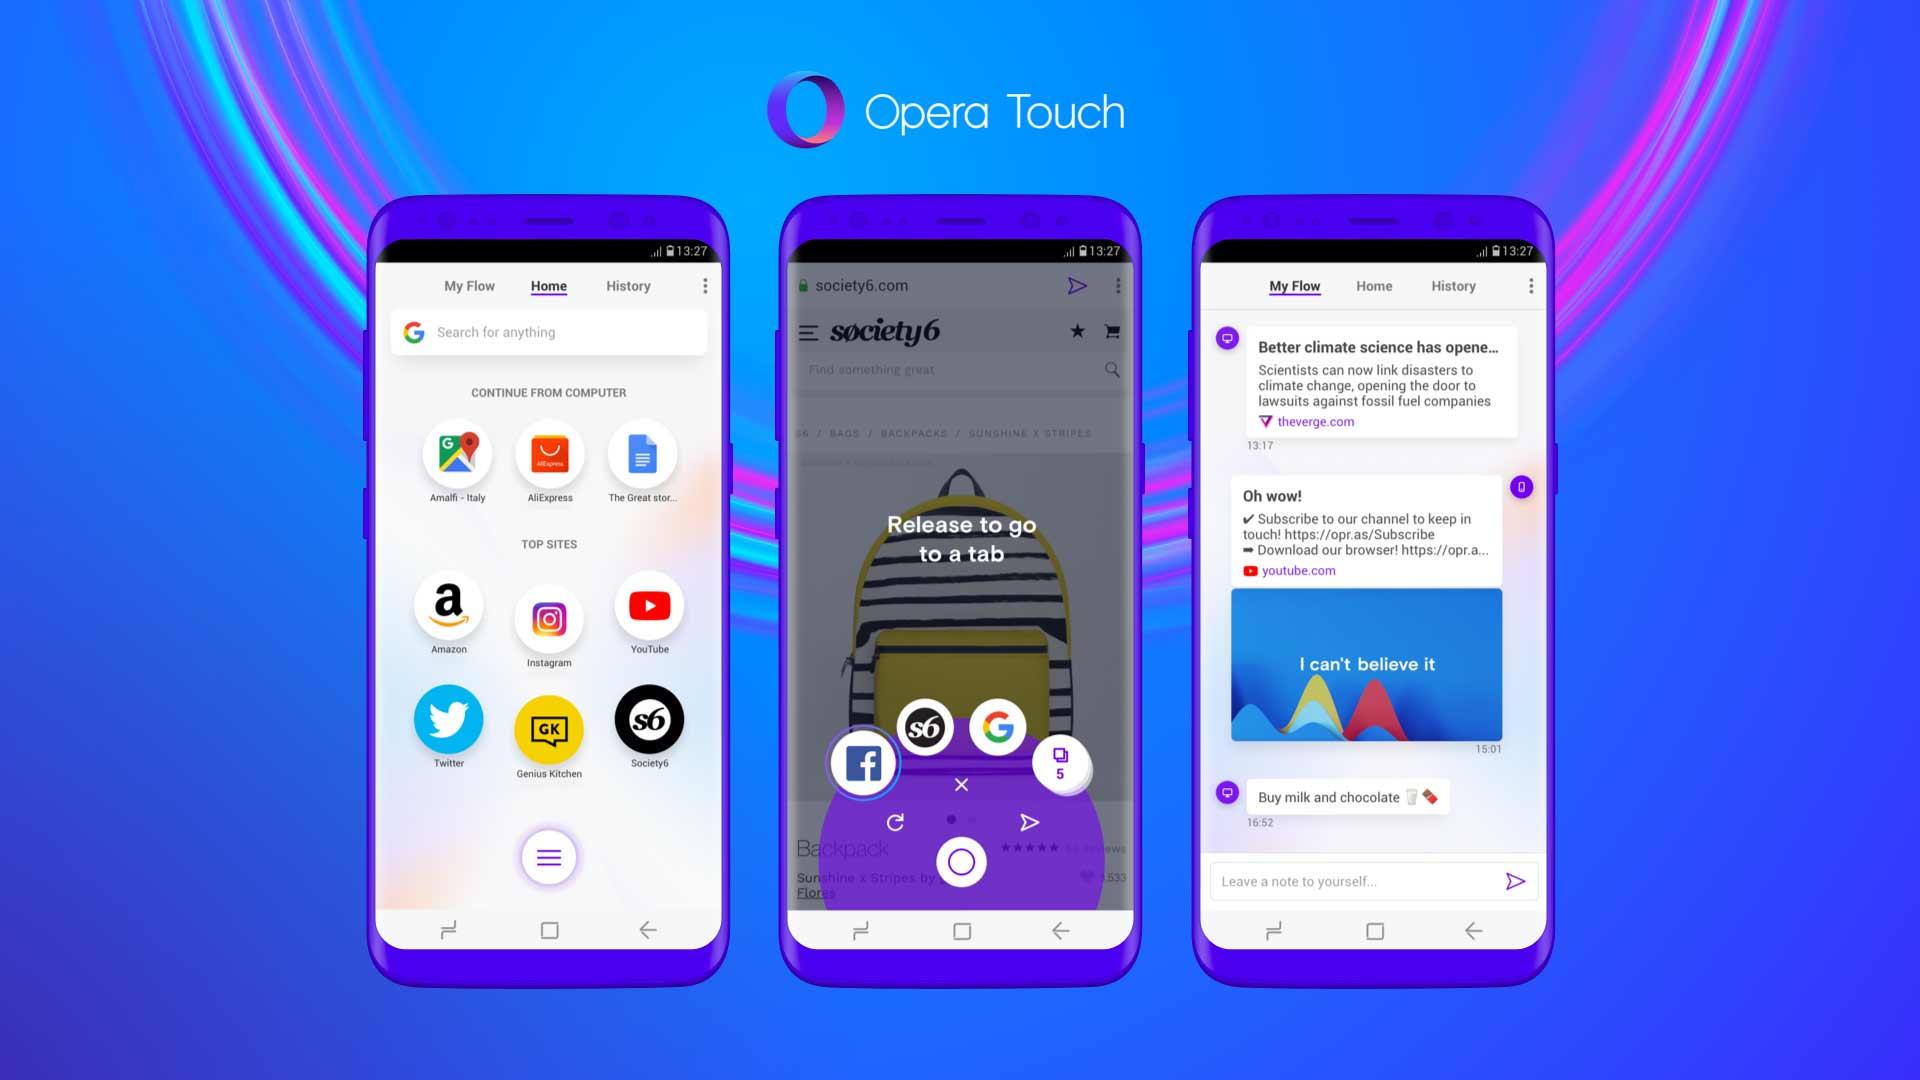 Компания Opera разработала новый мобильный браузер Opera Touch